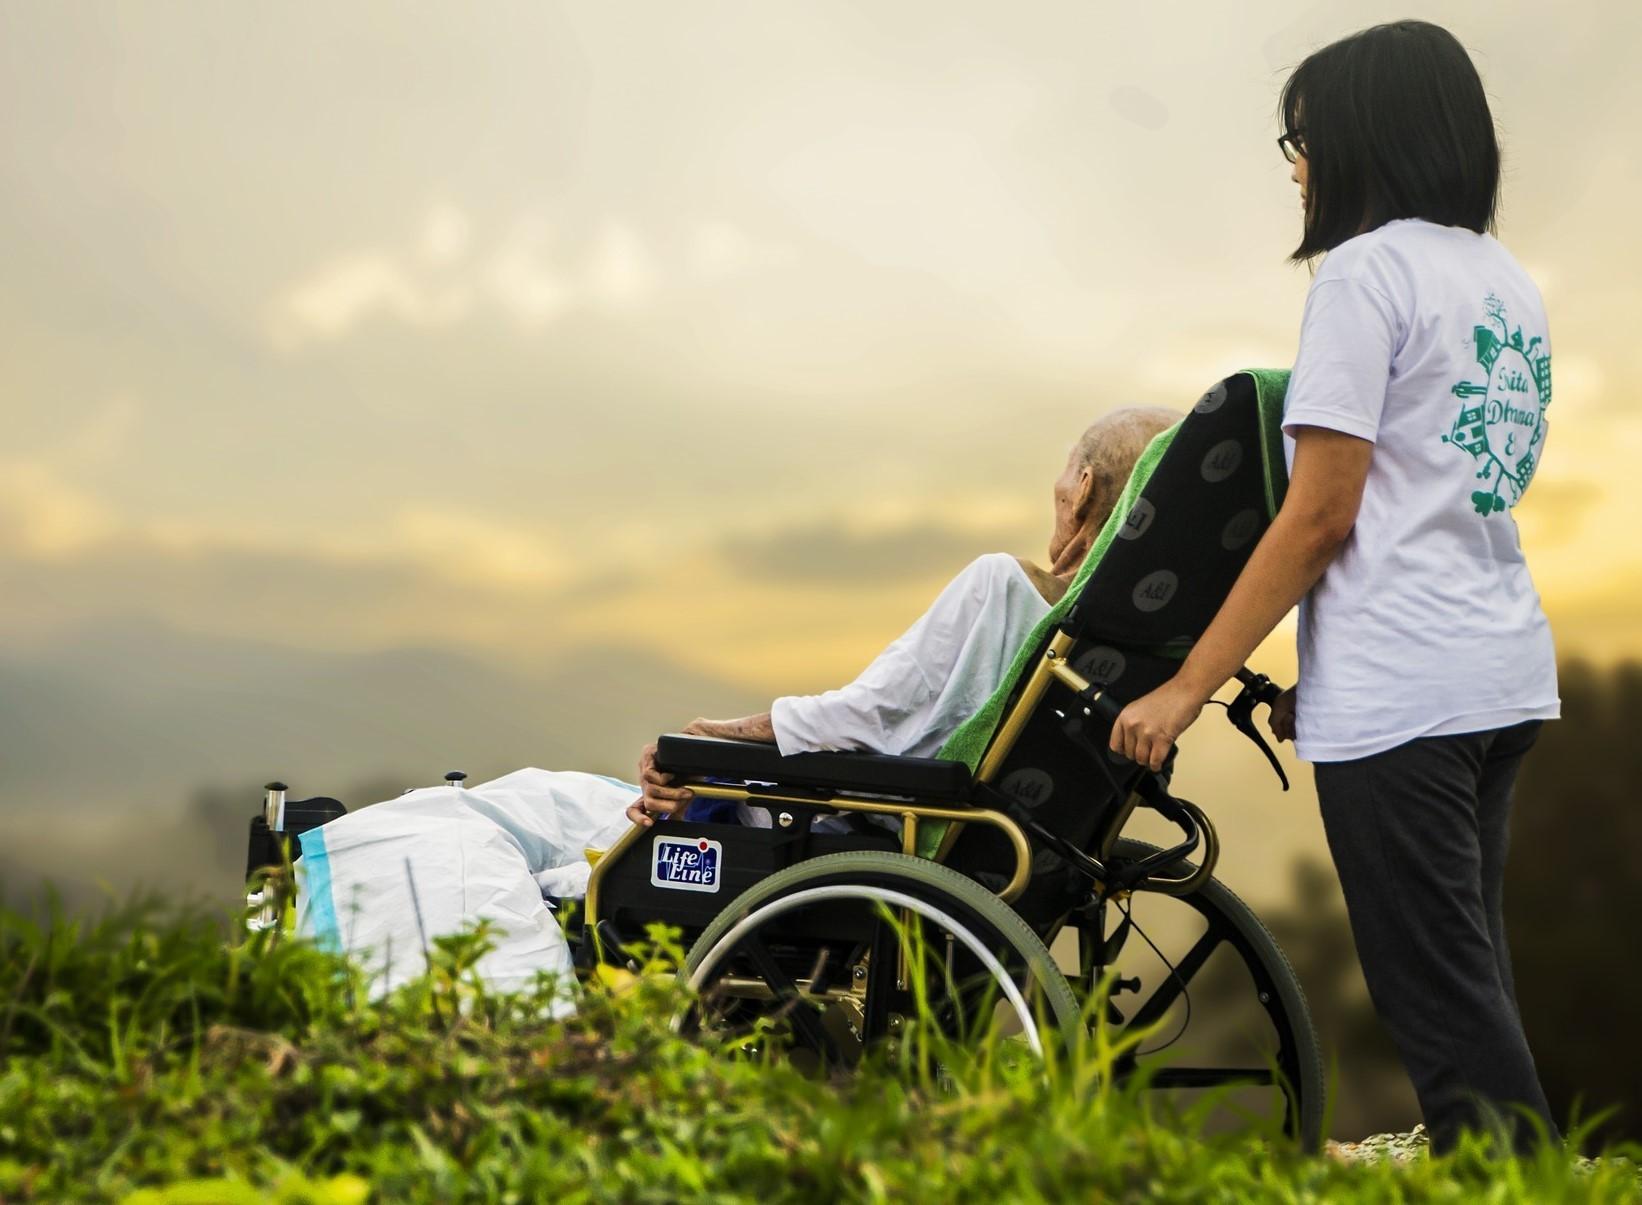 ▲老年,老人,阿公,爺爺,輪椅,生病,復健,照顧,長期照顧,居家照顧。(圖/翻攝自pixabay)